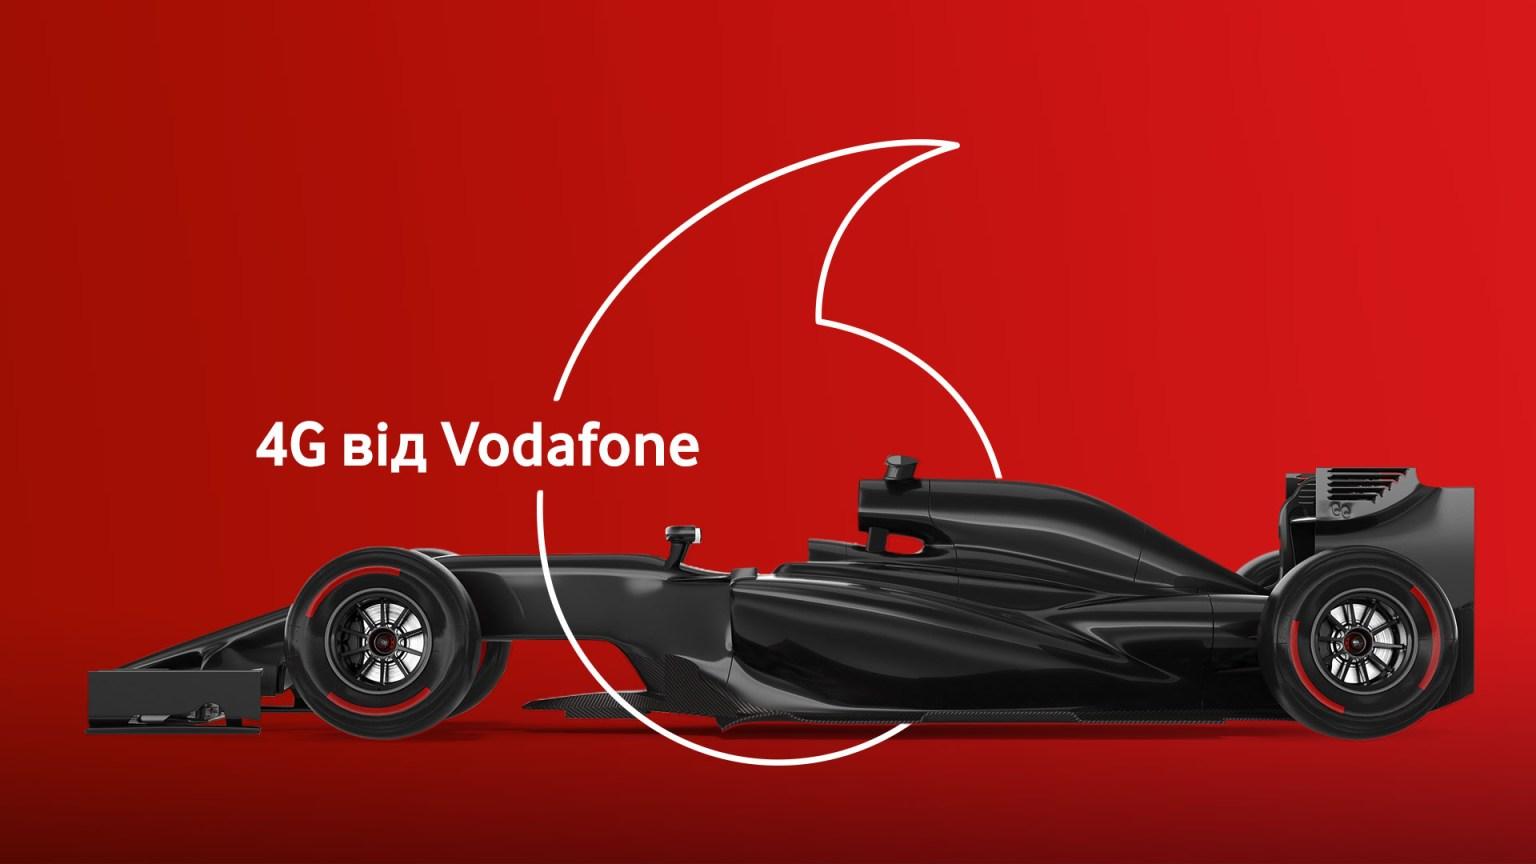 Оператор мобильной связи Vodafone Украина запустил 4G-сеть в диапазоне 900 МГц в Донецкой и Луганской областях, теперь LTE-900 работает во всех областях страны